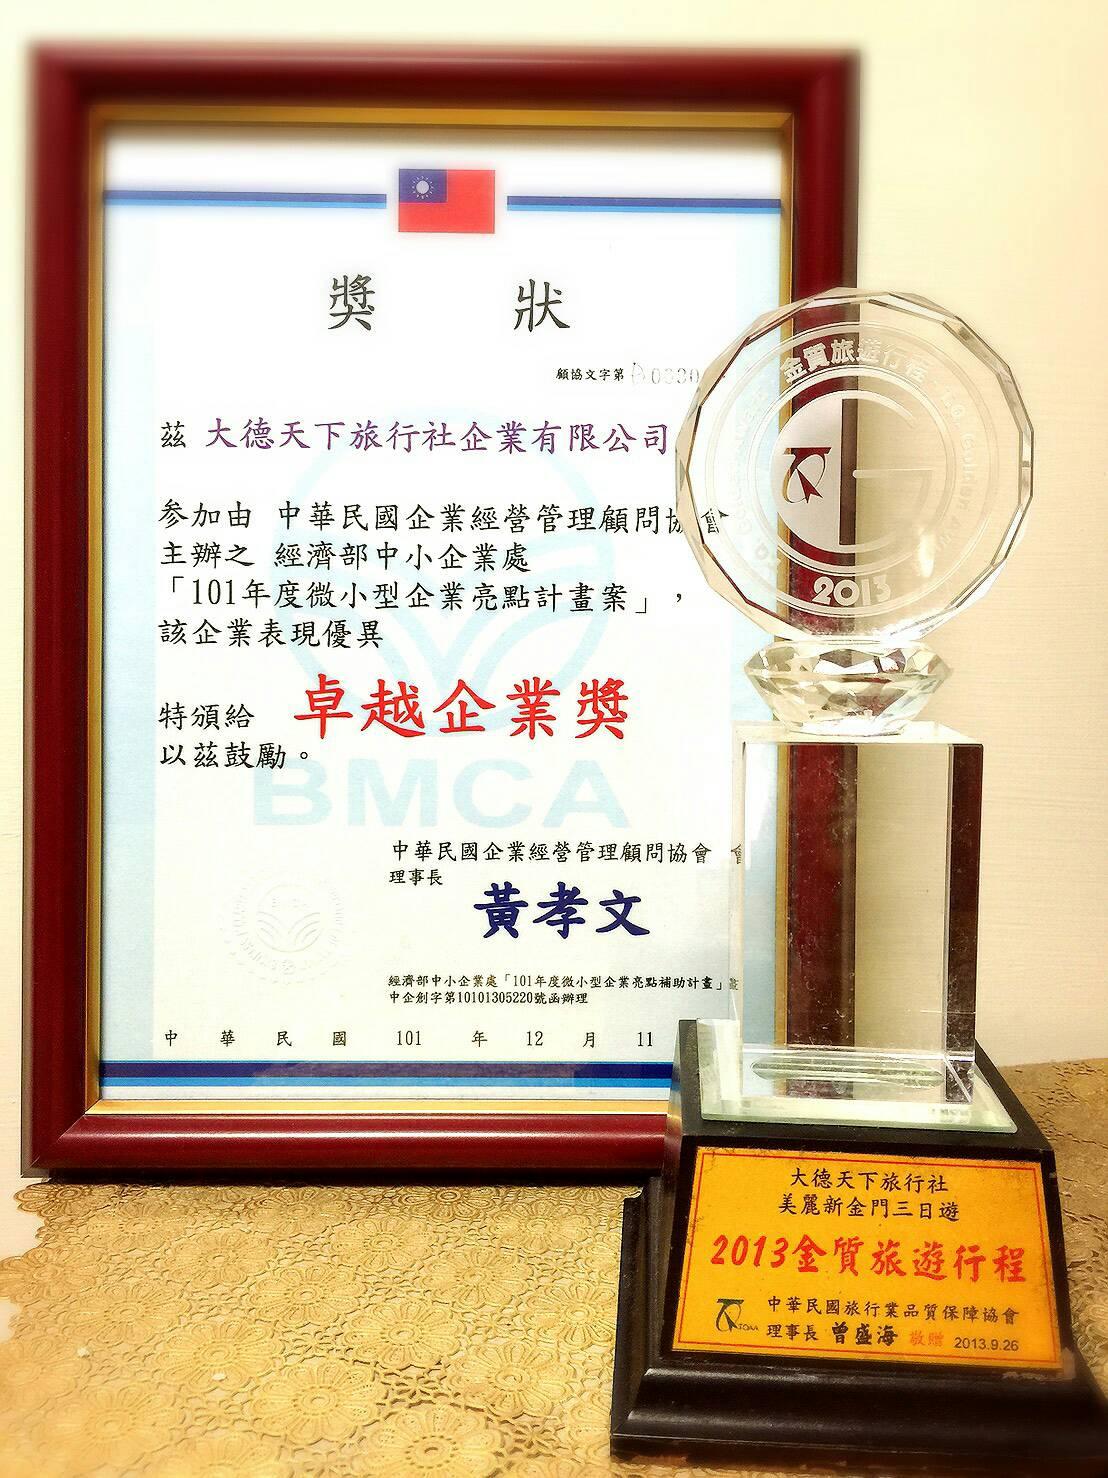 卓越企業獎